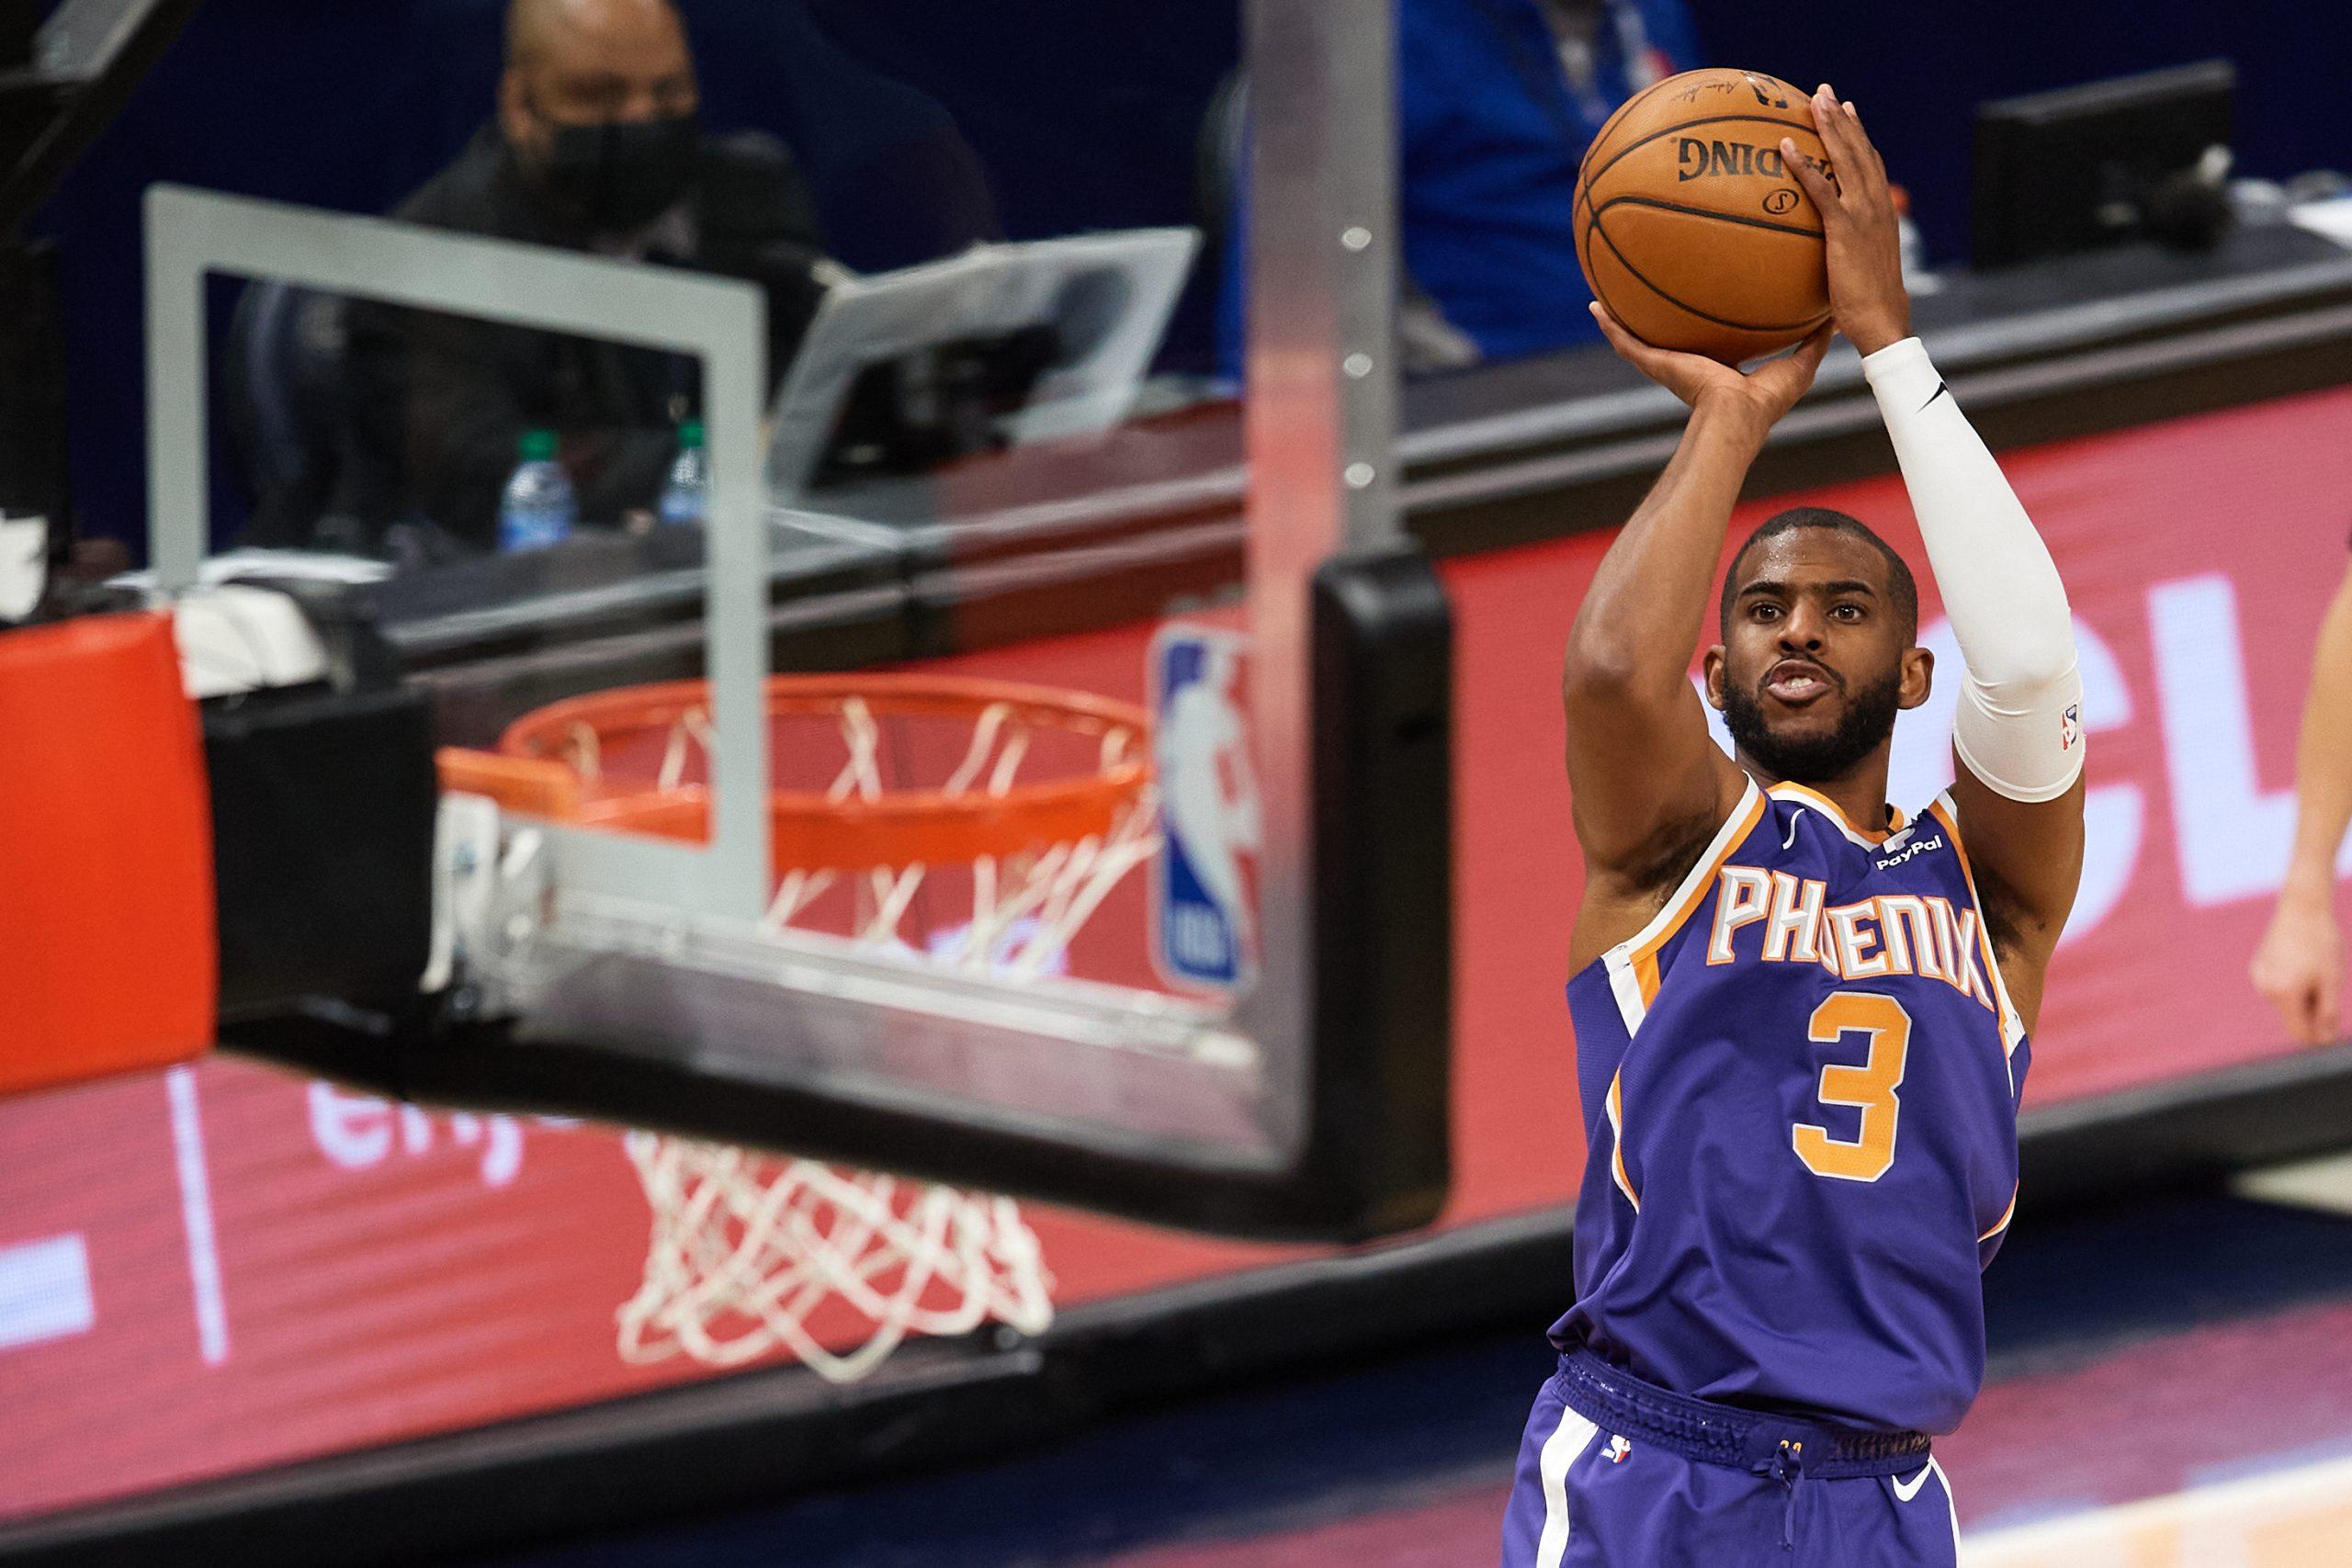 Reggie Jackson zostaje w Clippers, Andre Iguodala wraca do Golden State!